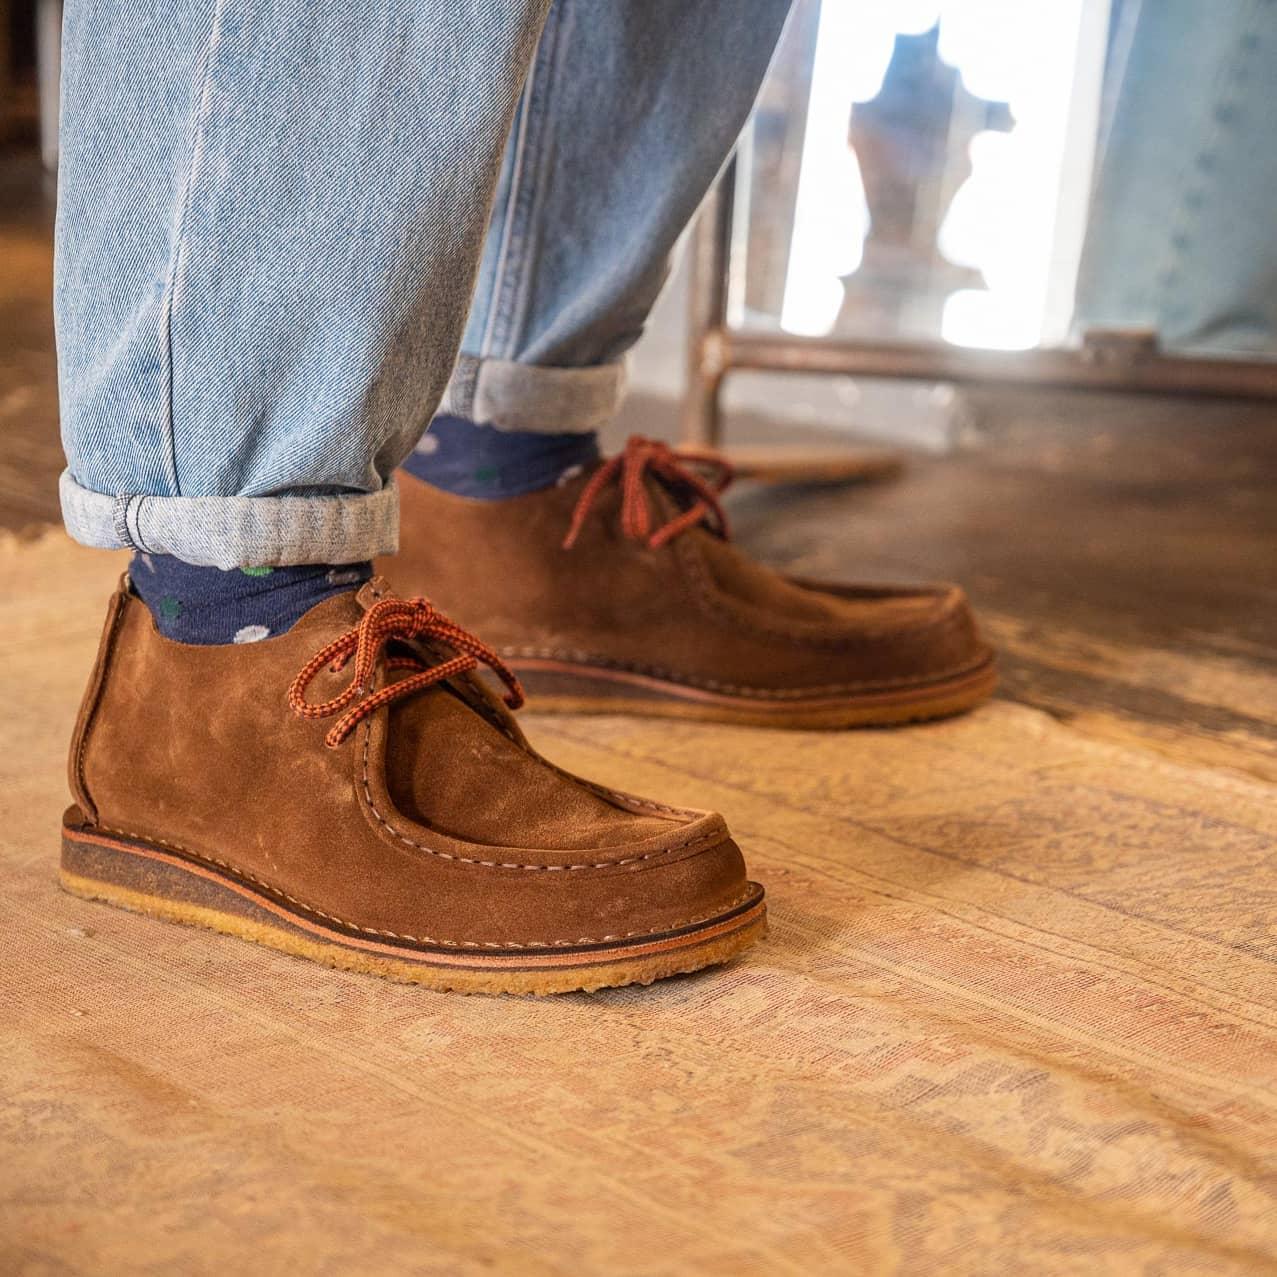 Astorflex shoes